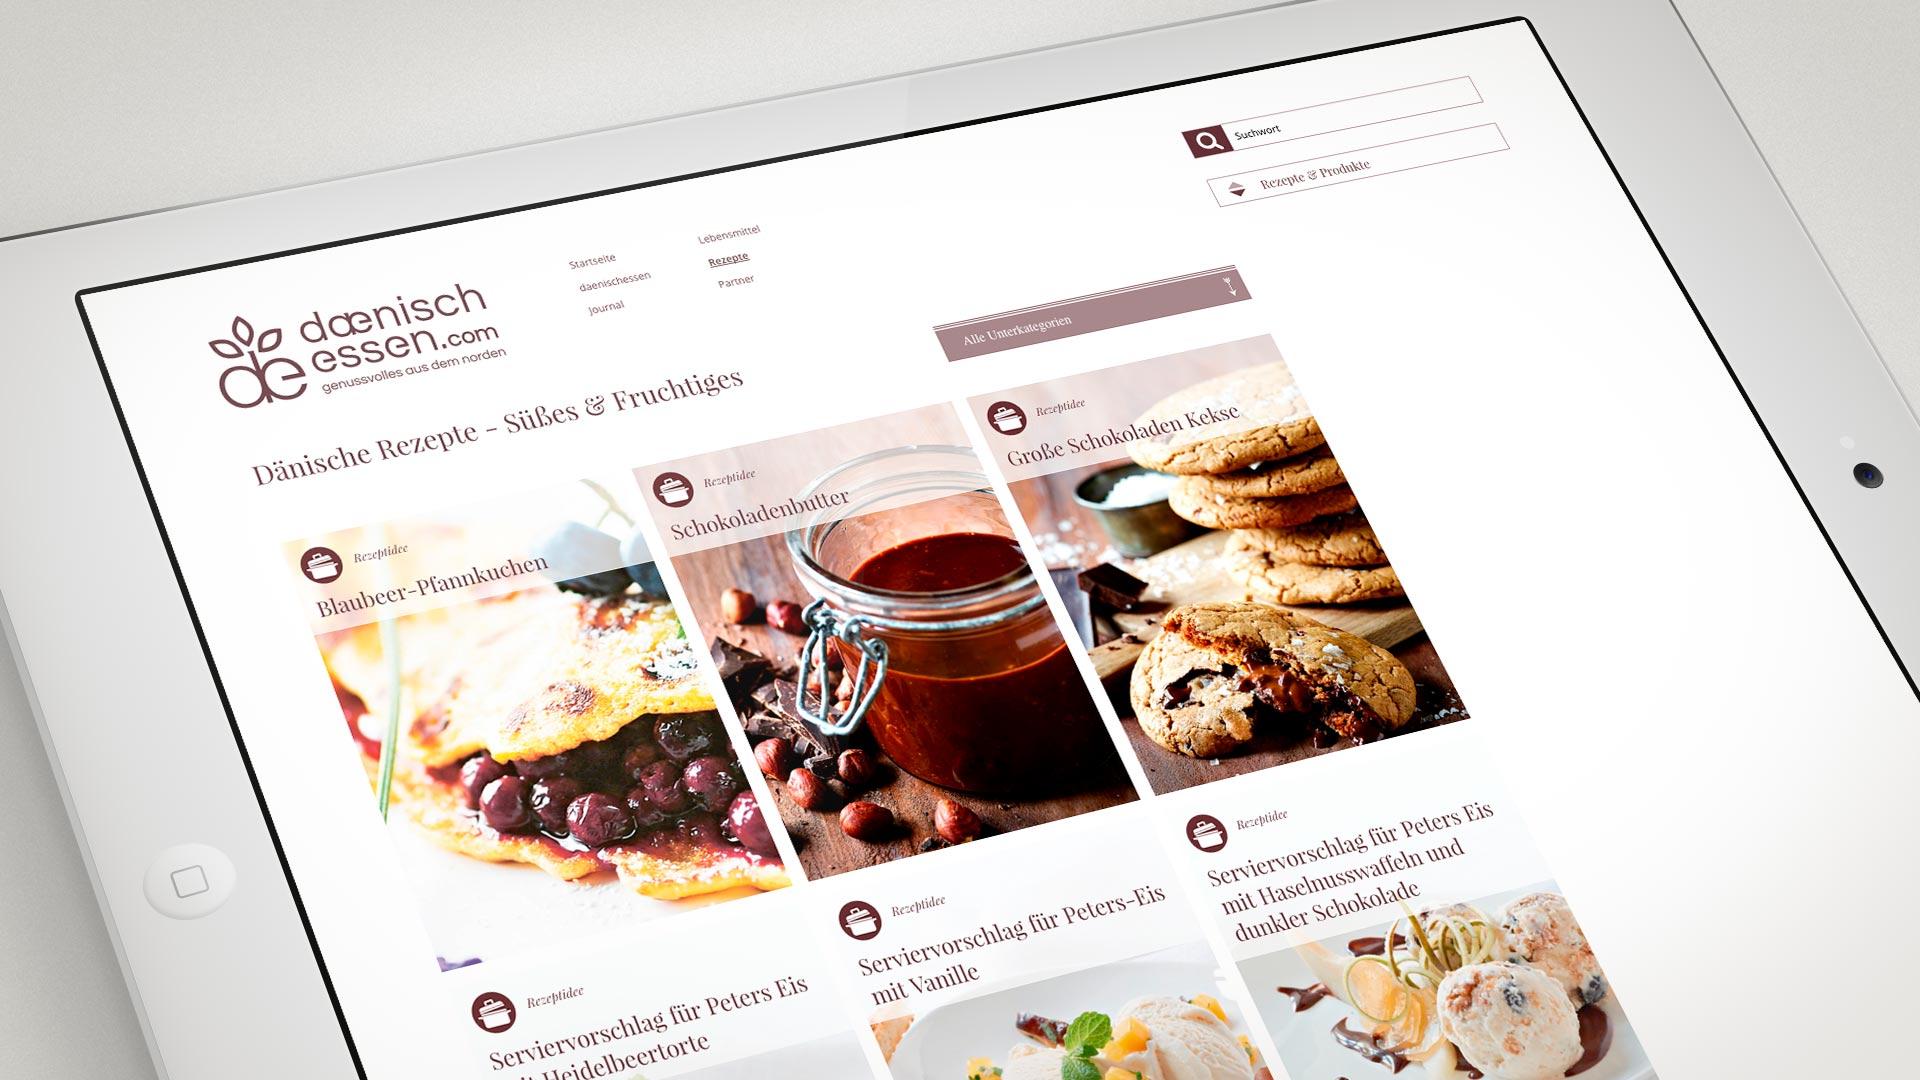 artventura-Projekt daenischessen.com:Kategorisierte Rezept-Teaser